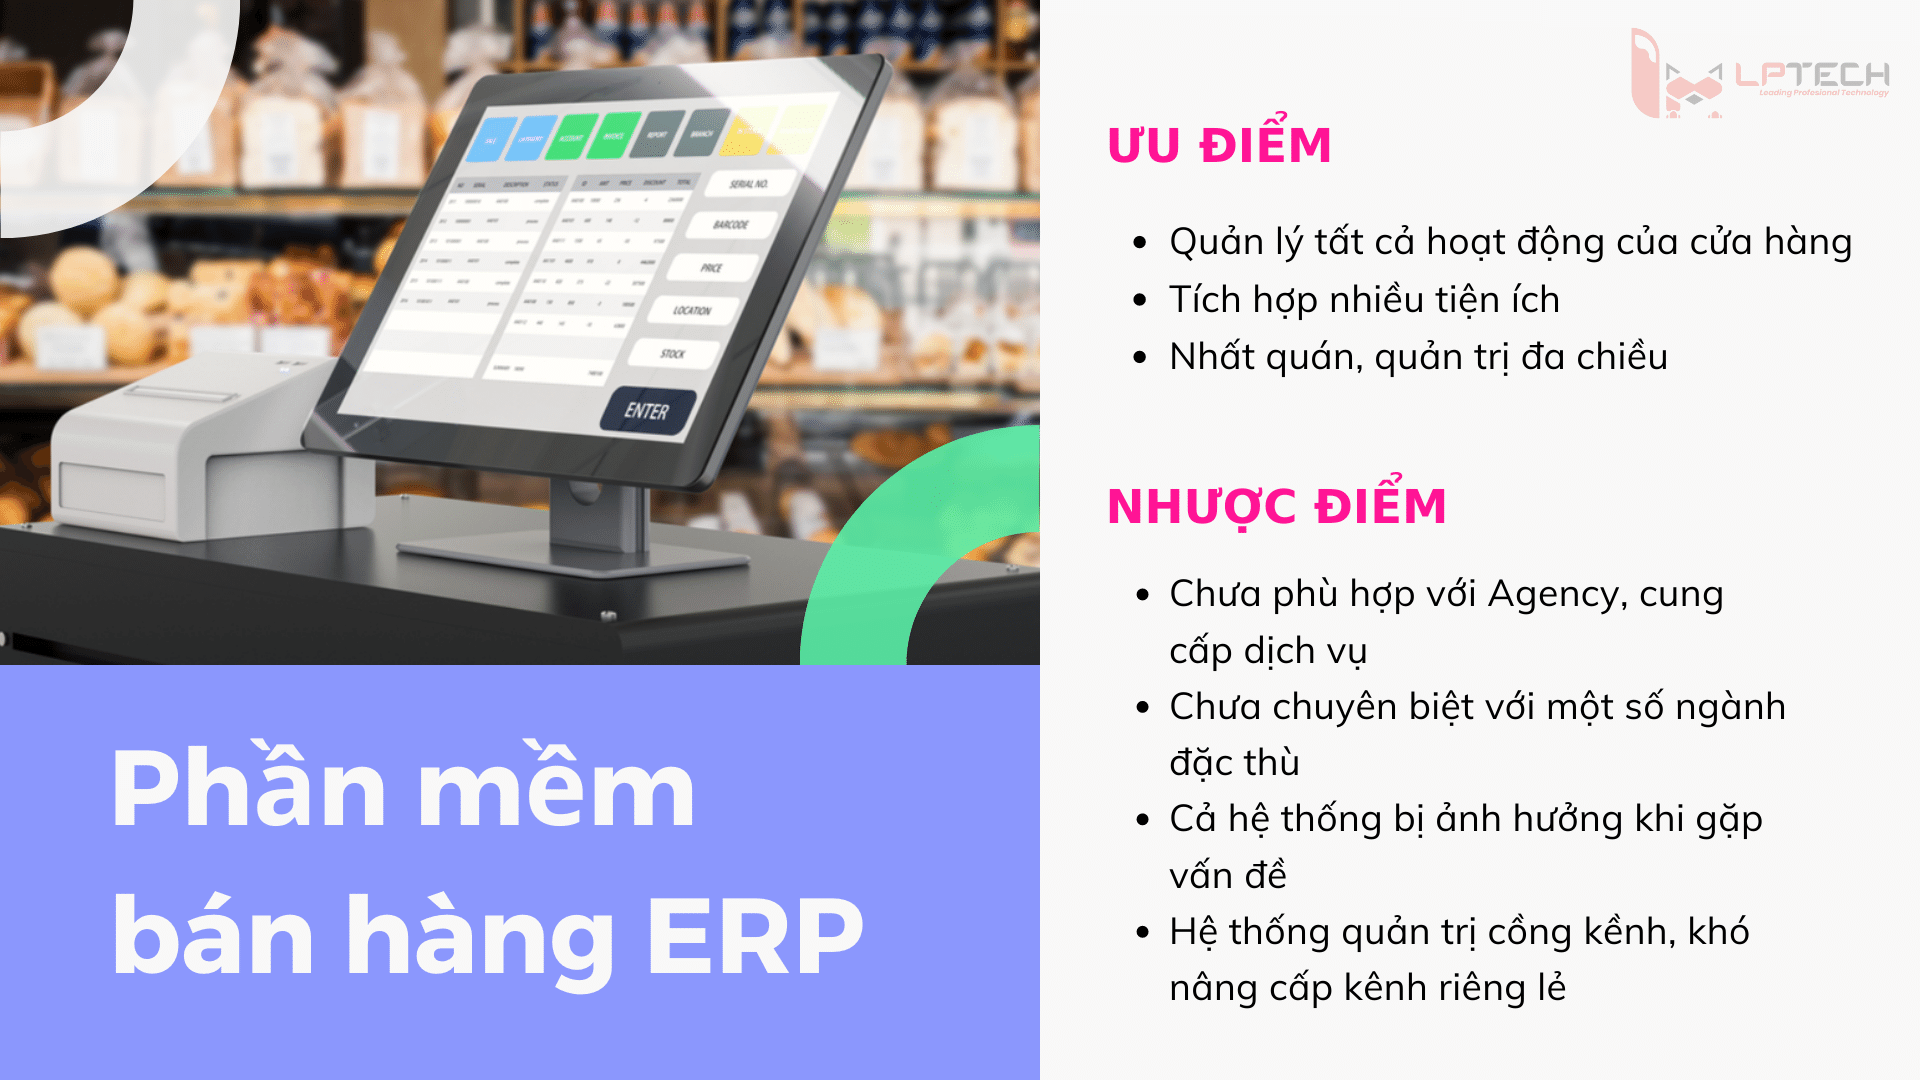 Ưu và nhược điểm của phần mềm bán hàng ERP